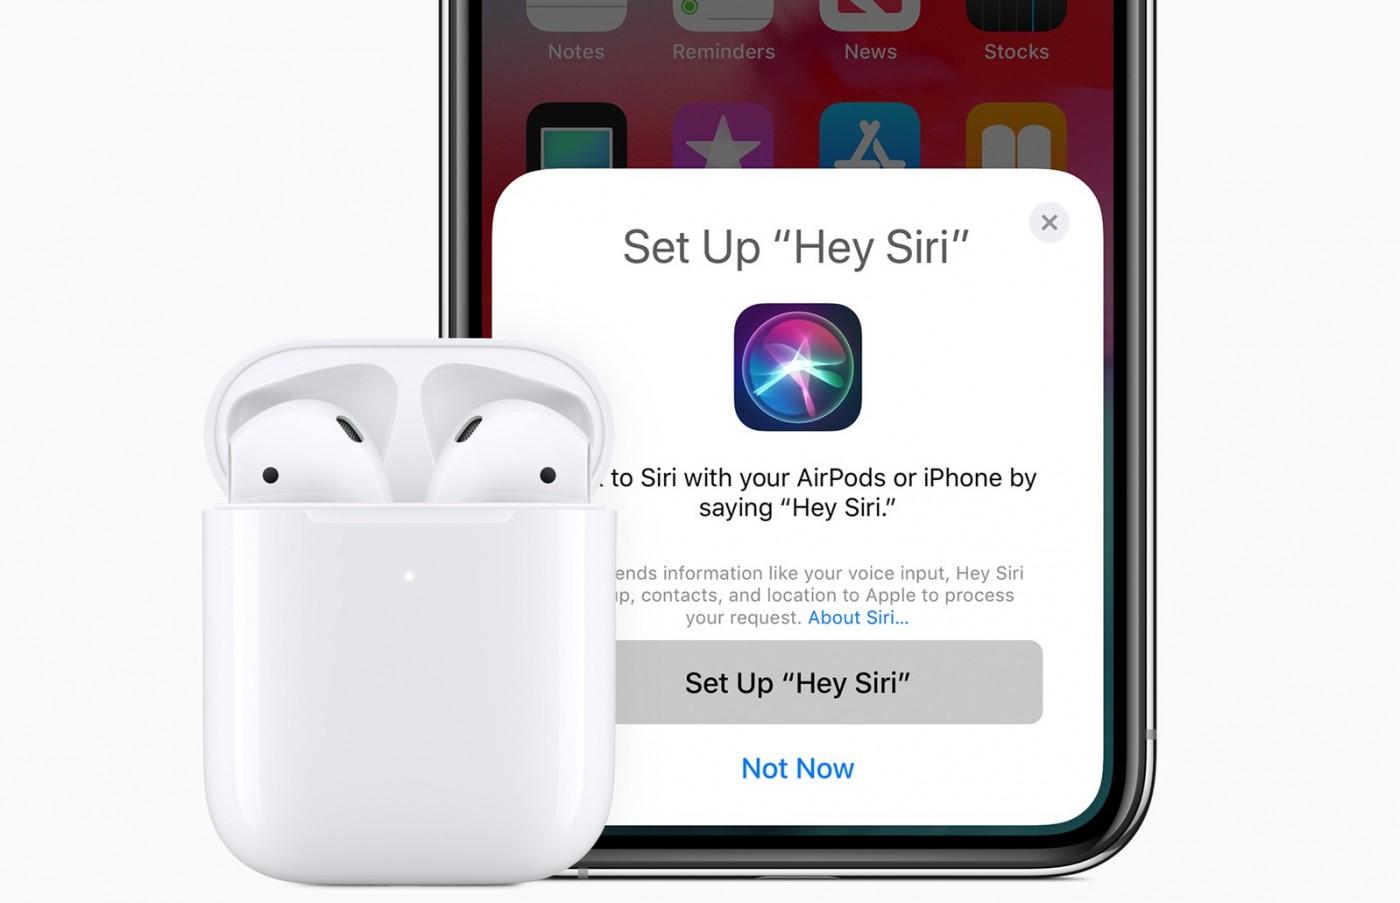 第二代AirPods悄悄上架蘋果官網,還推出了無線充電盒!